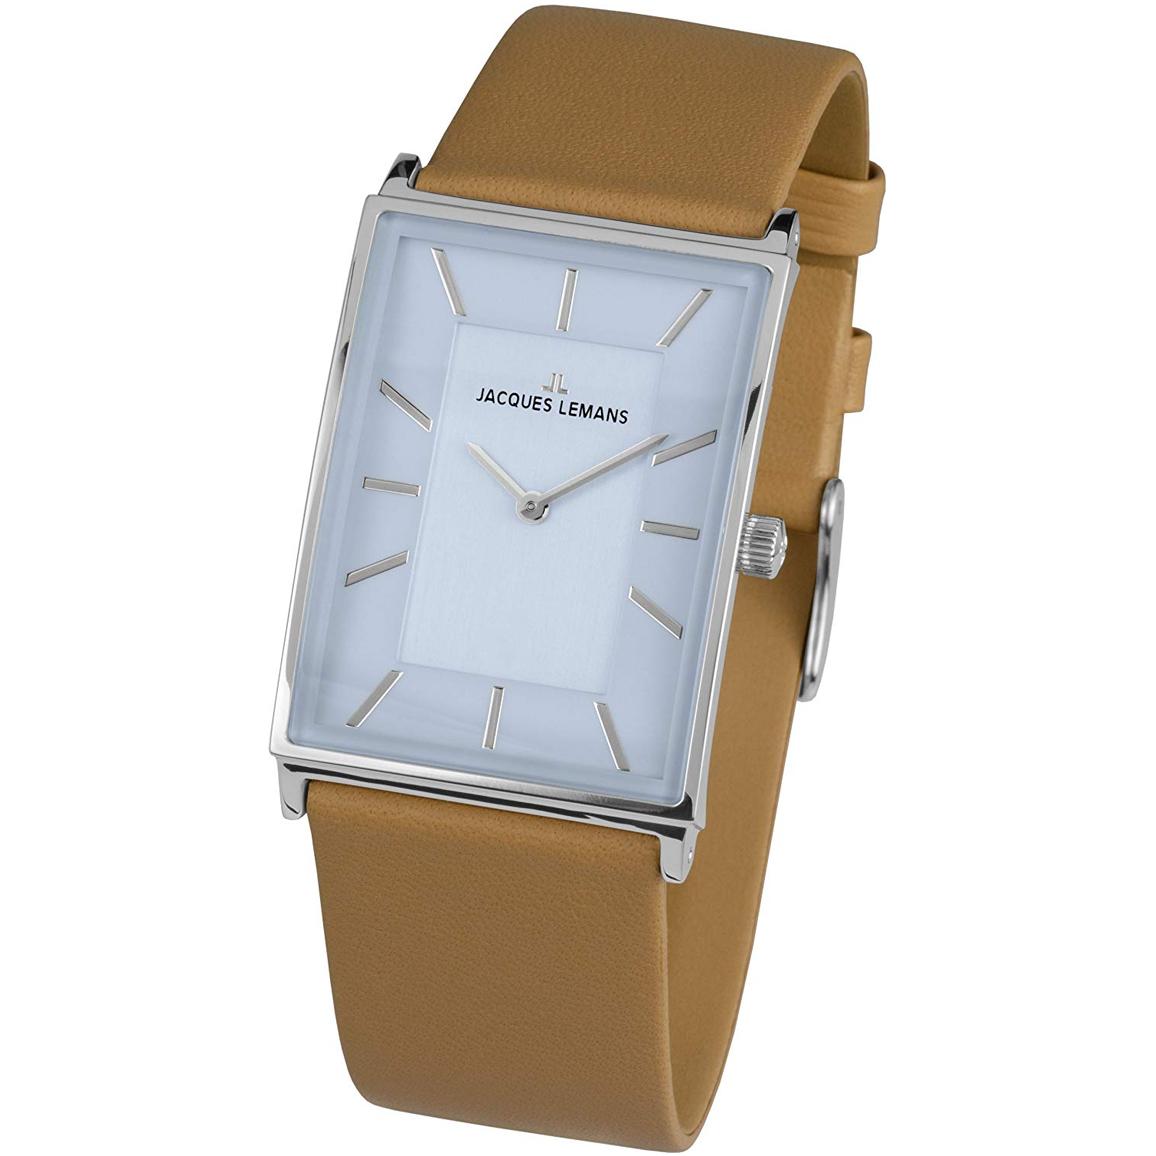 ساعت مچی عقربه ای ژاک لمن مدل 1-1604E